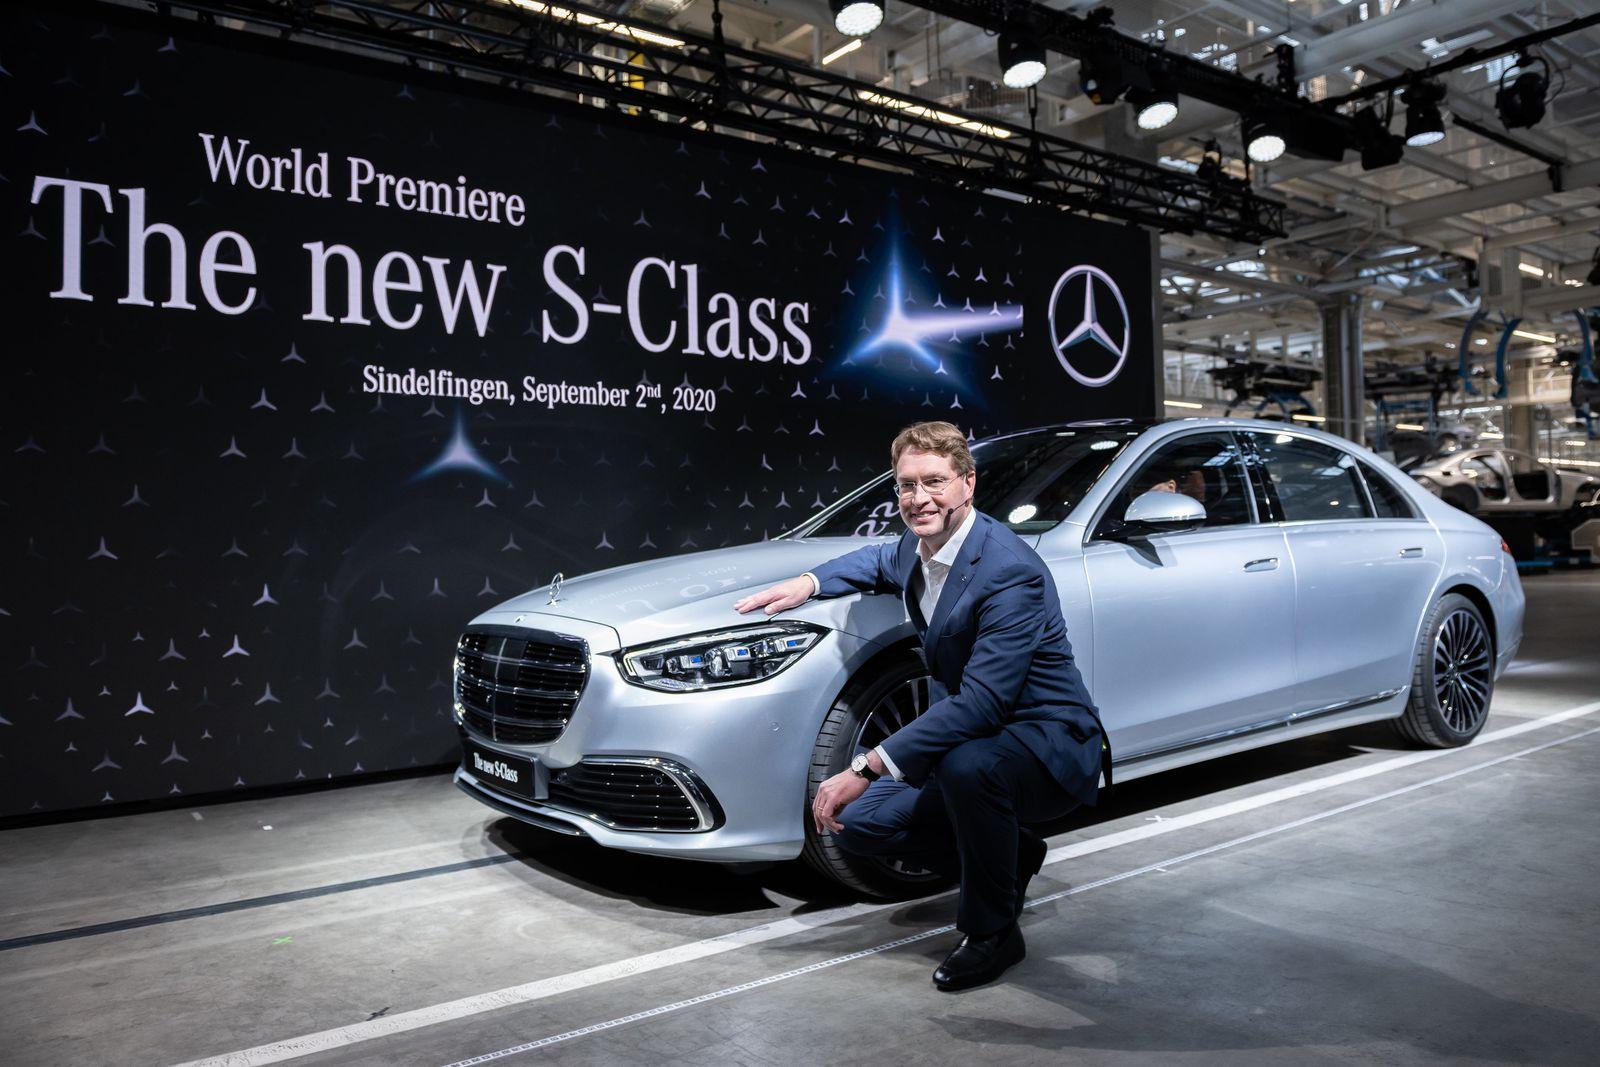 Weltpremiere der neuen S-Klasse von Mercedes-Benz